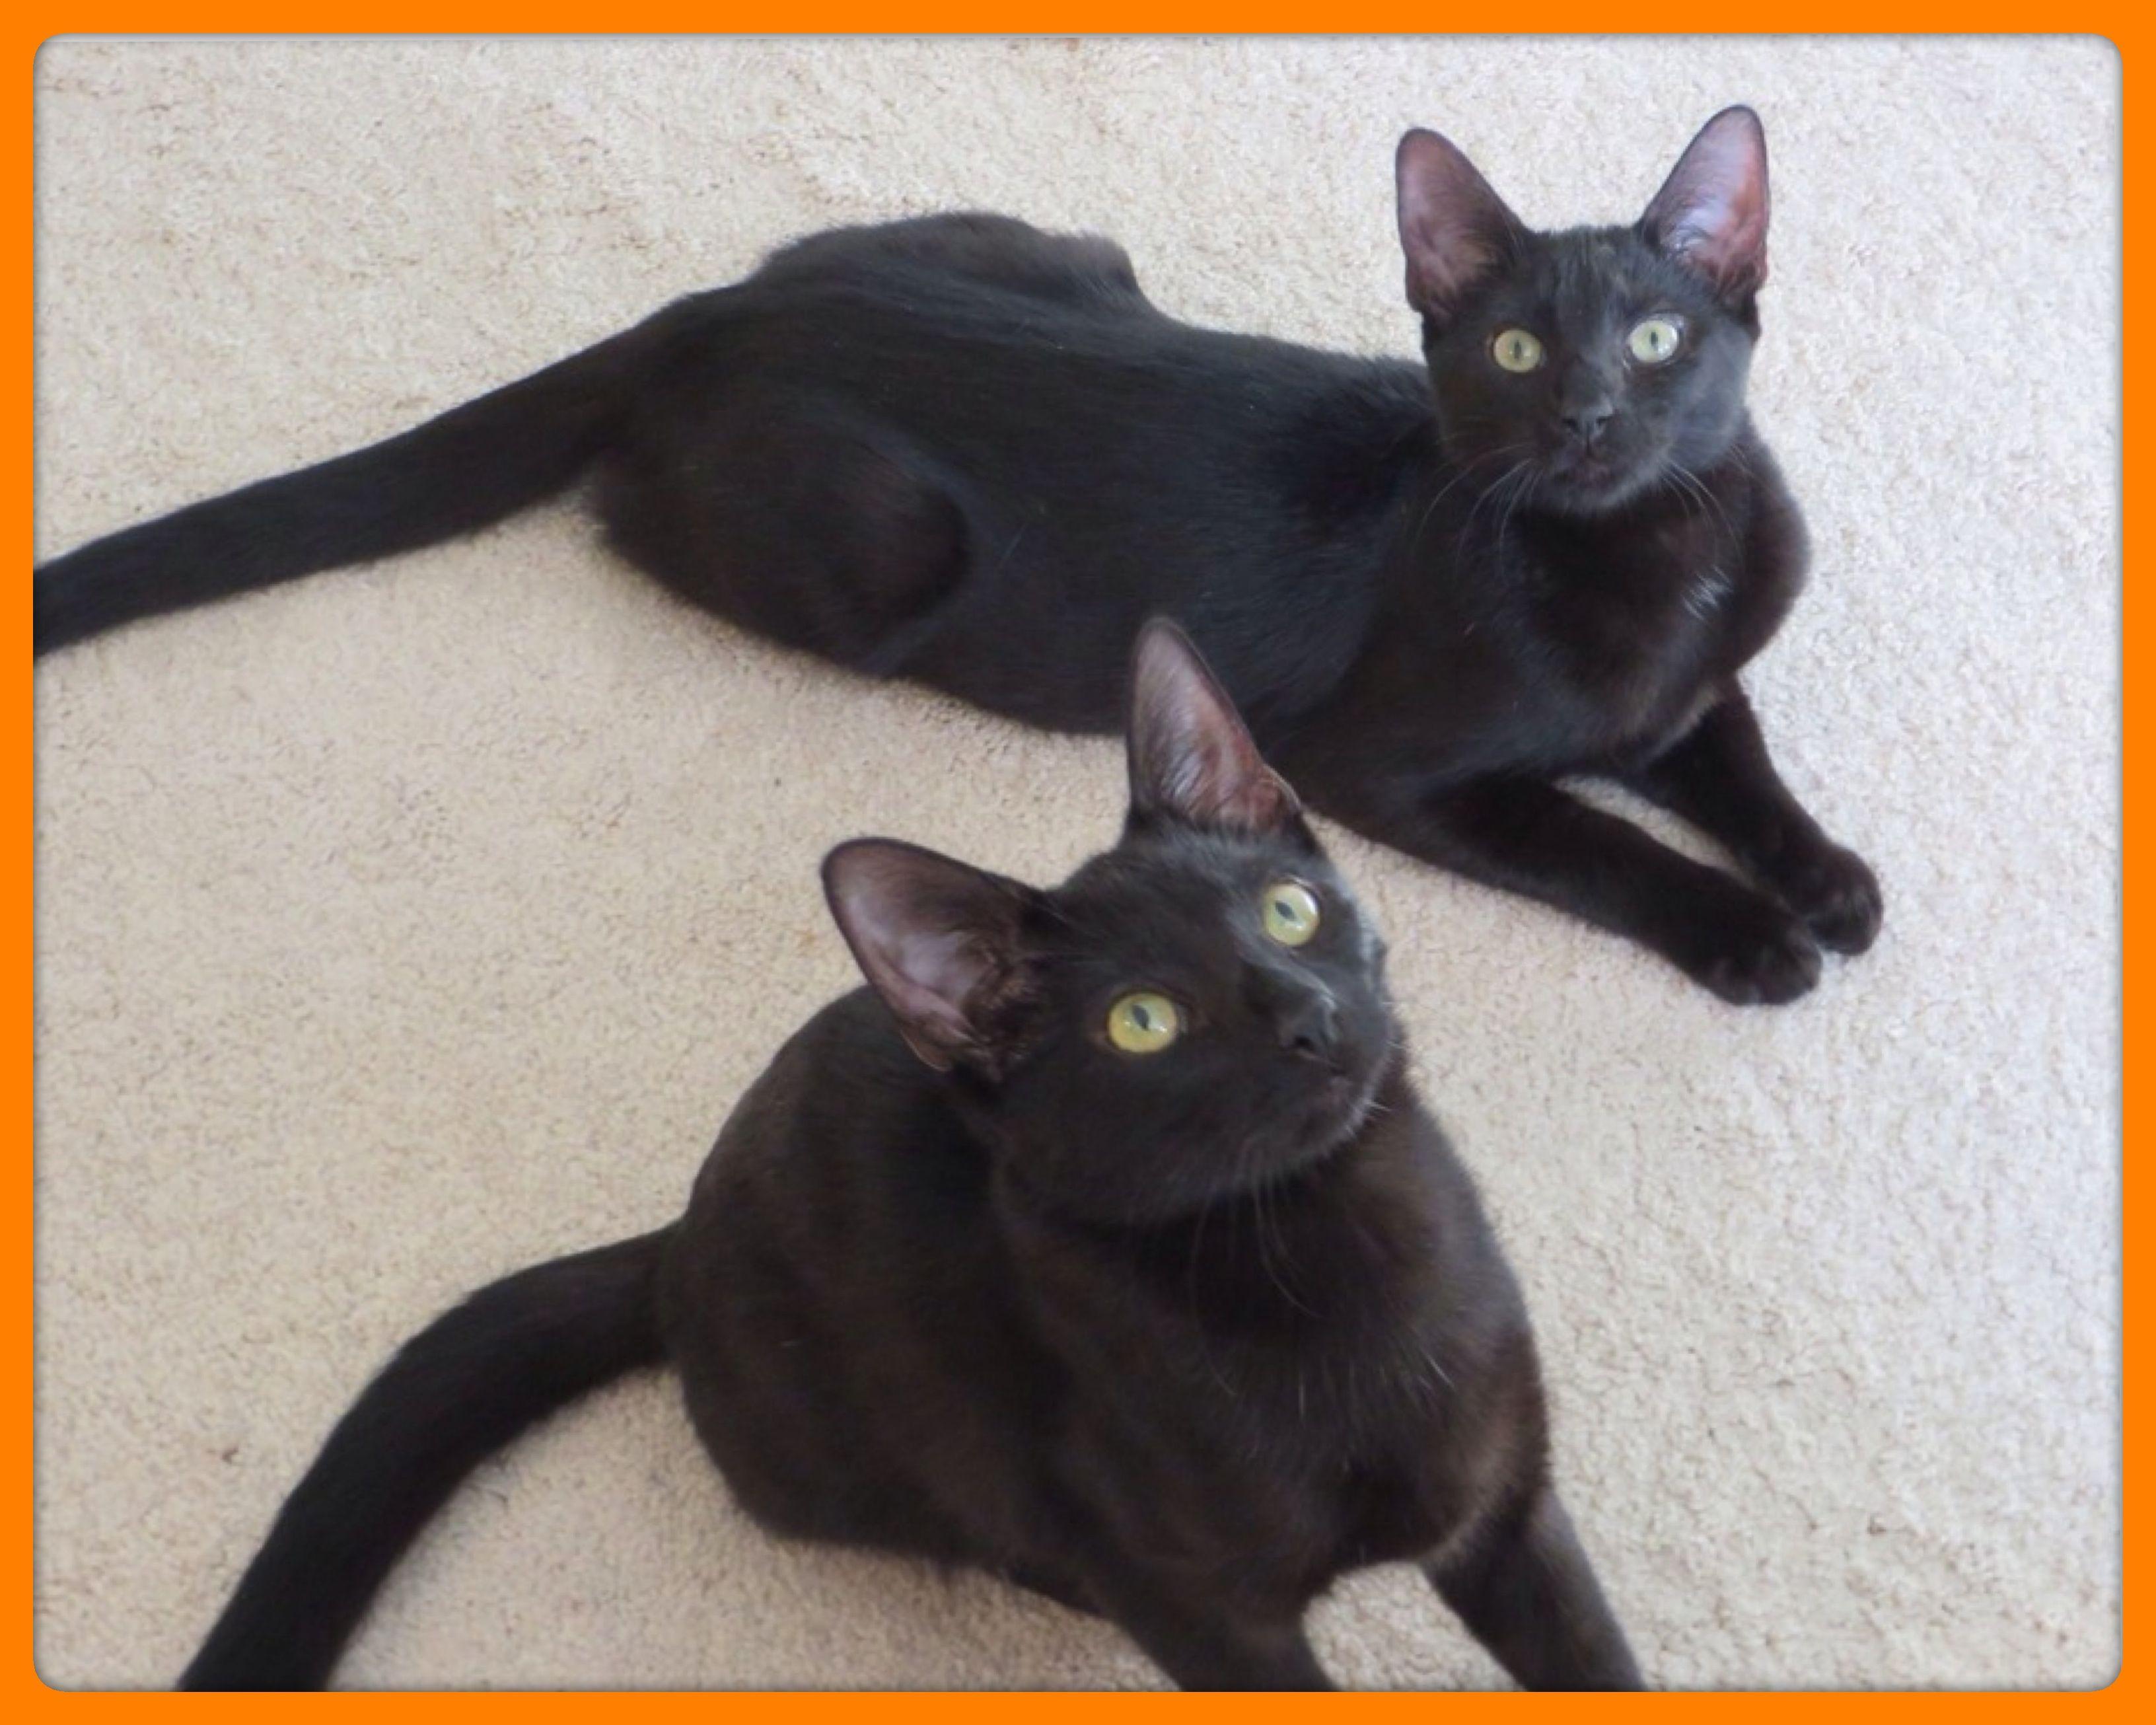 I found C60683 GiGi on Pets, Pet adoption, Animal shelter